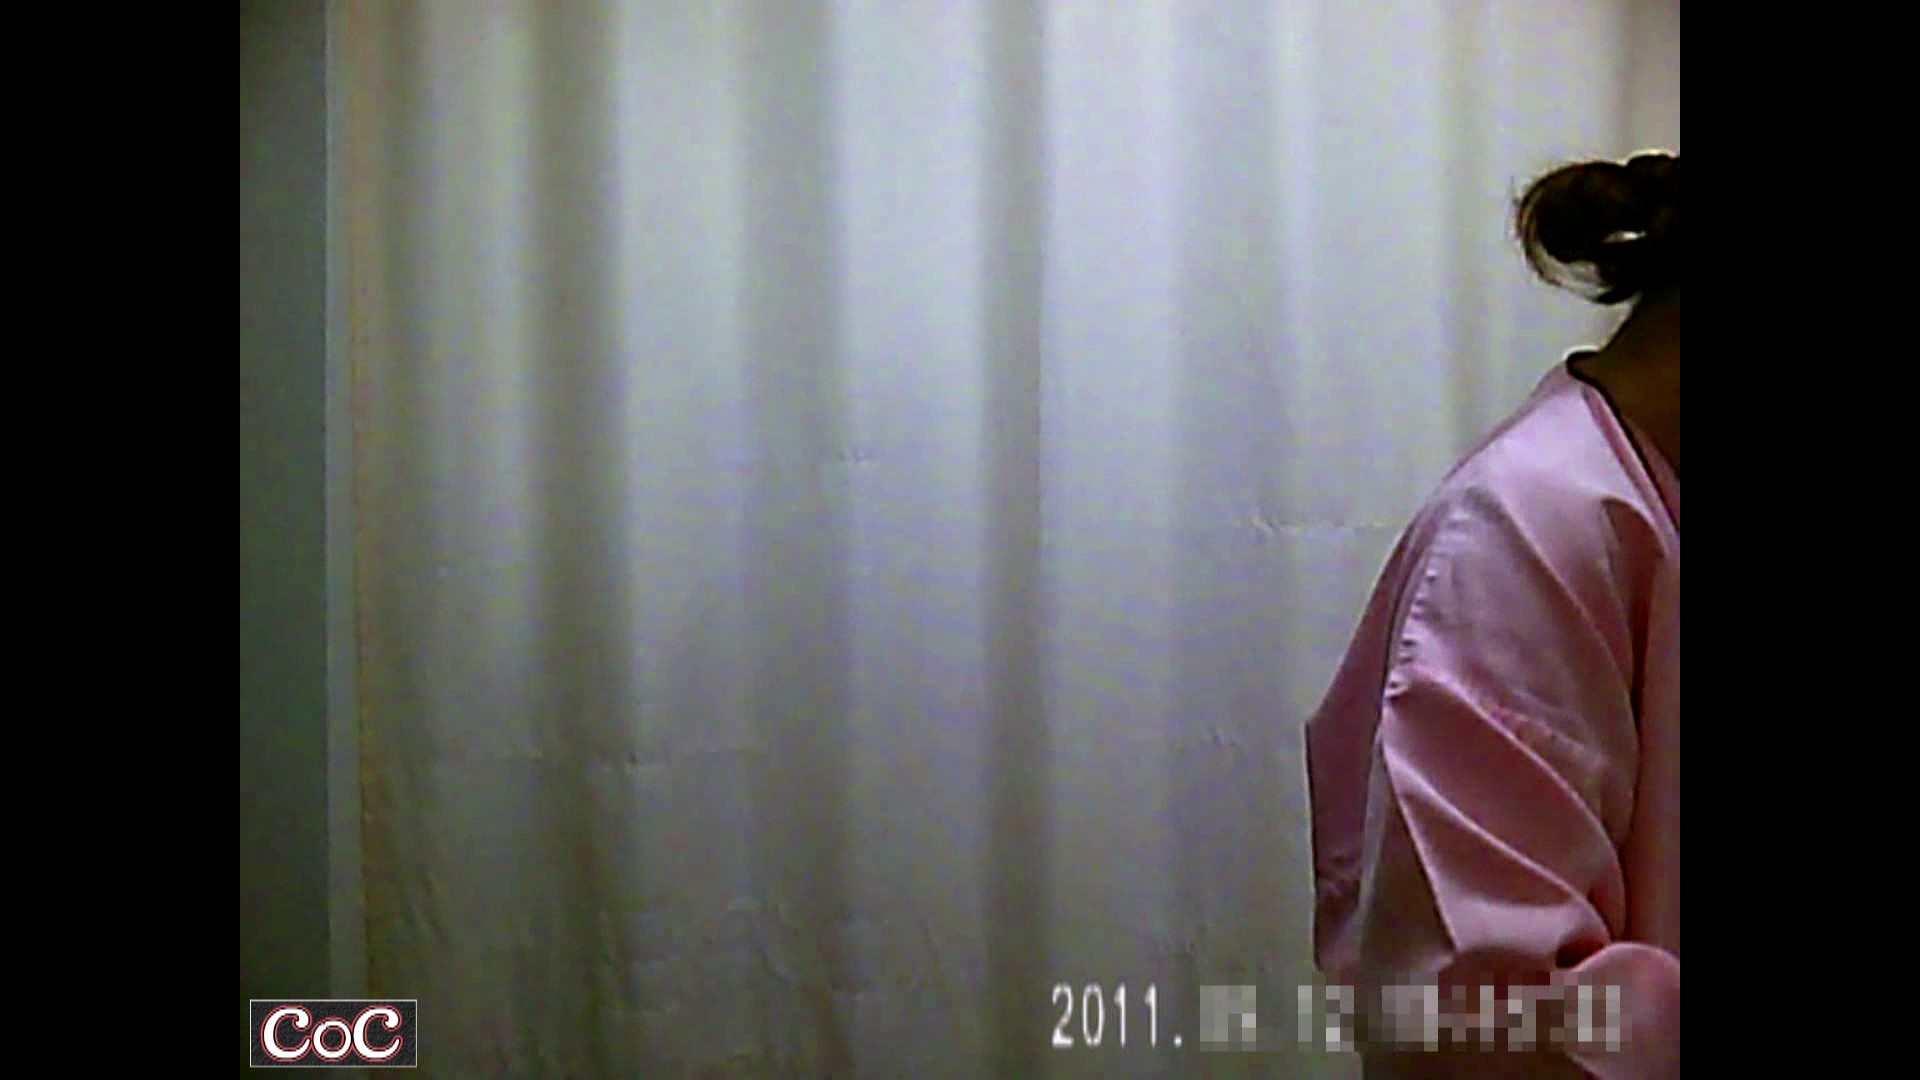 病院おもいっきり着替え! vol.24 盗撮 のぞき動画画像 100PIX 51